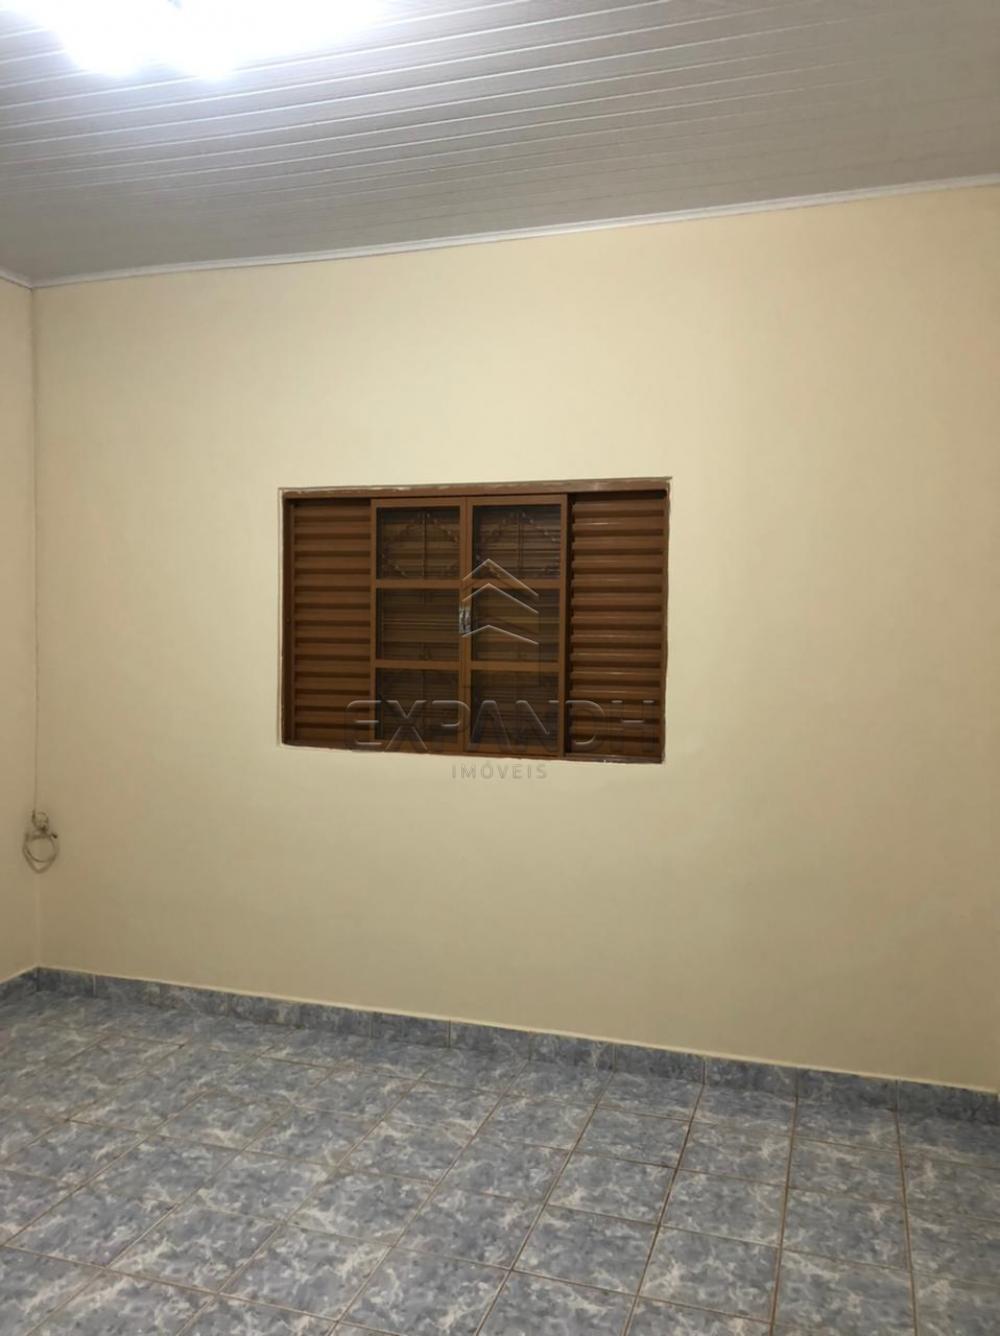 Alugar Casas / Padrão em Sertãozinho R$ 925,00 - Foto 9